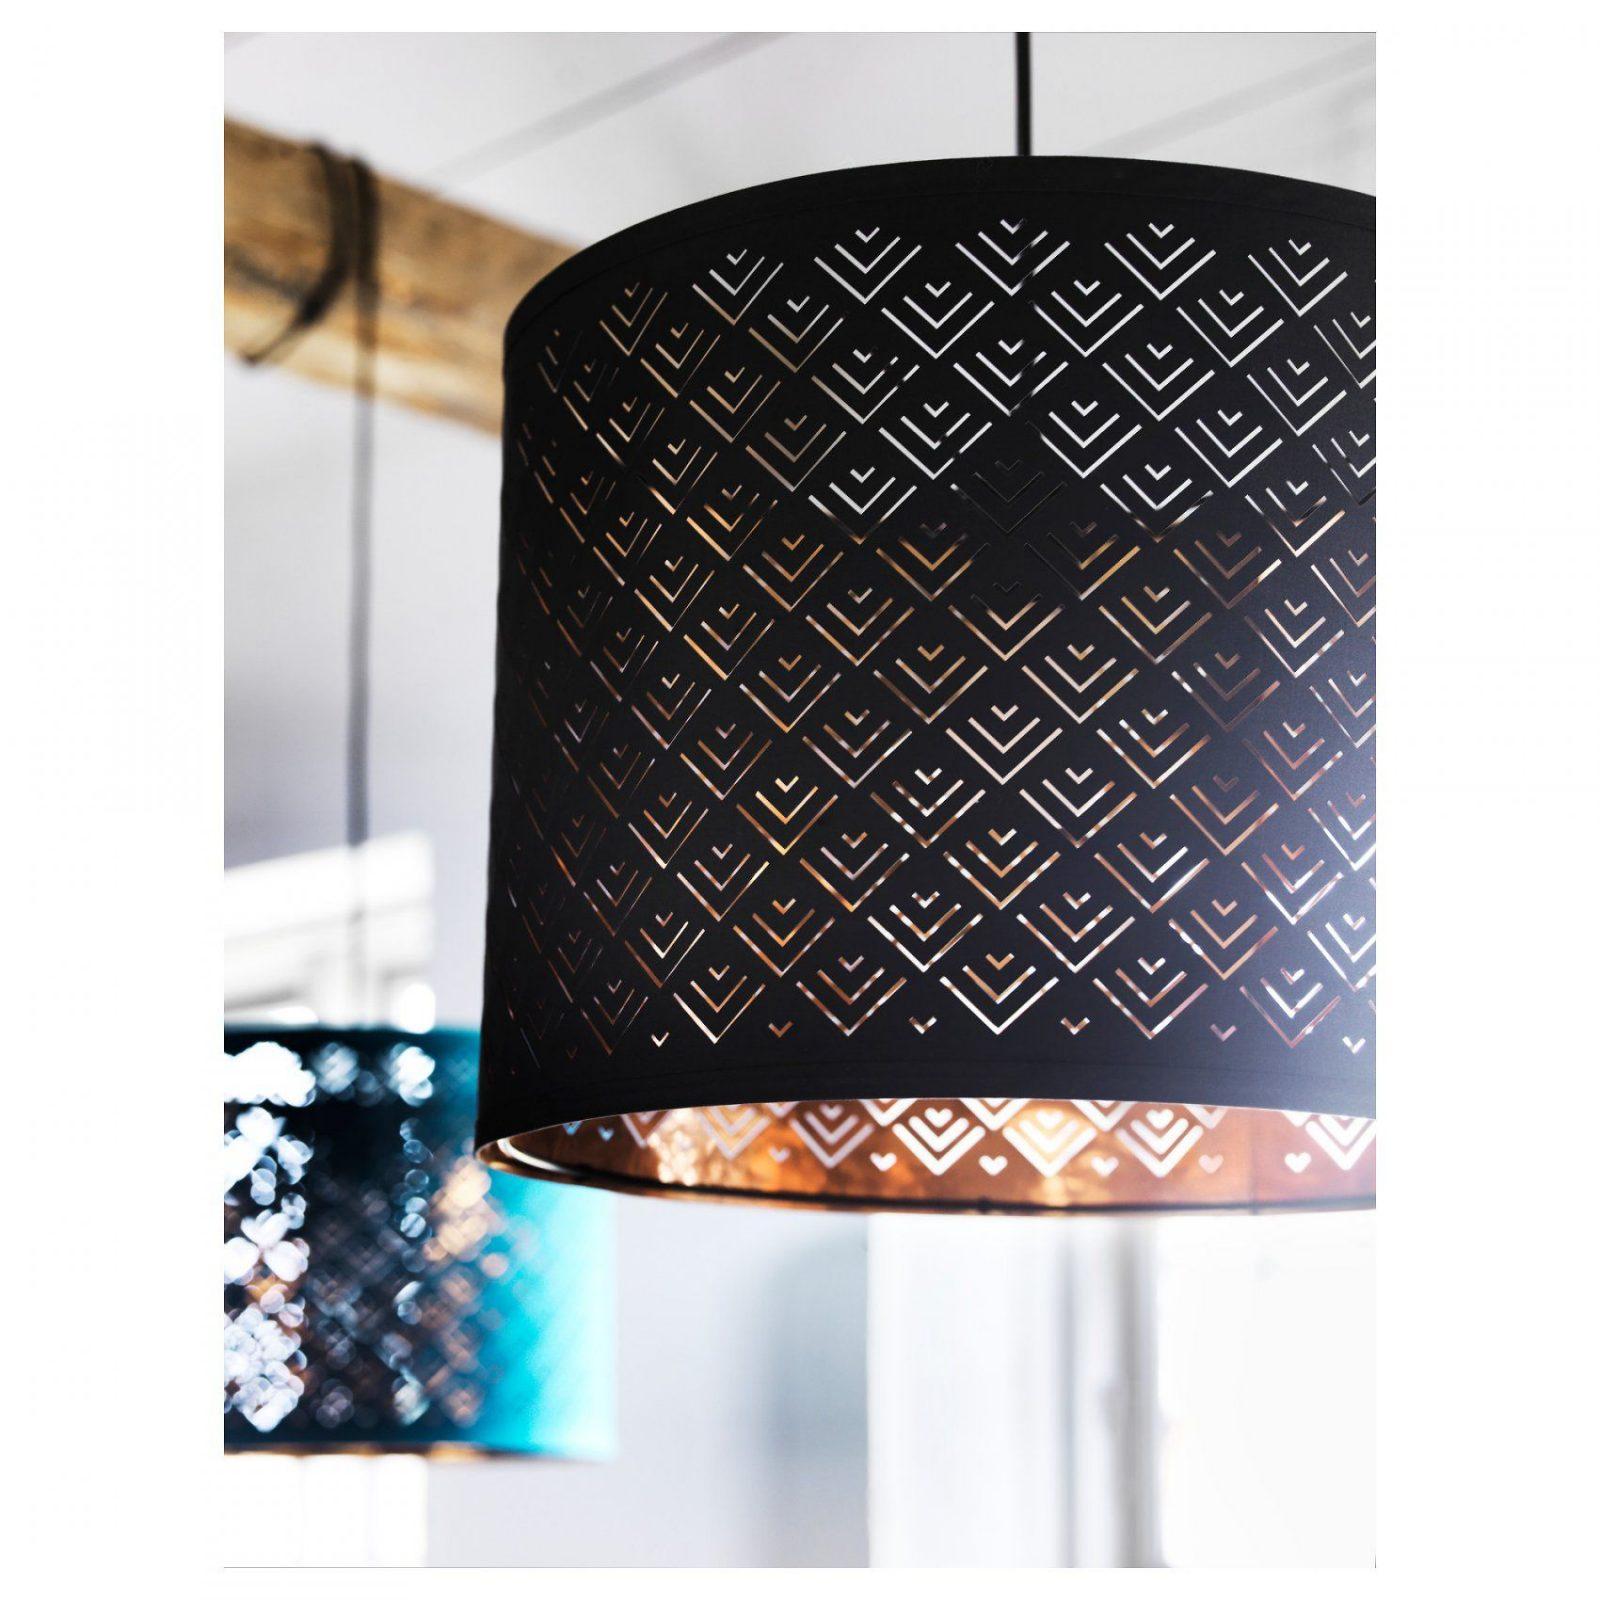 Nymö Lamp Shade Blackcoppercolour 37 Cm von Ikea Lampe Schwarz Kupfer Bild